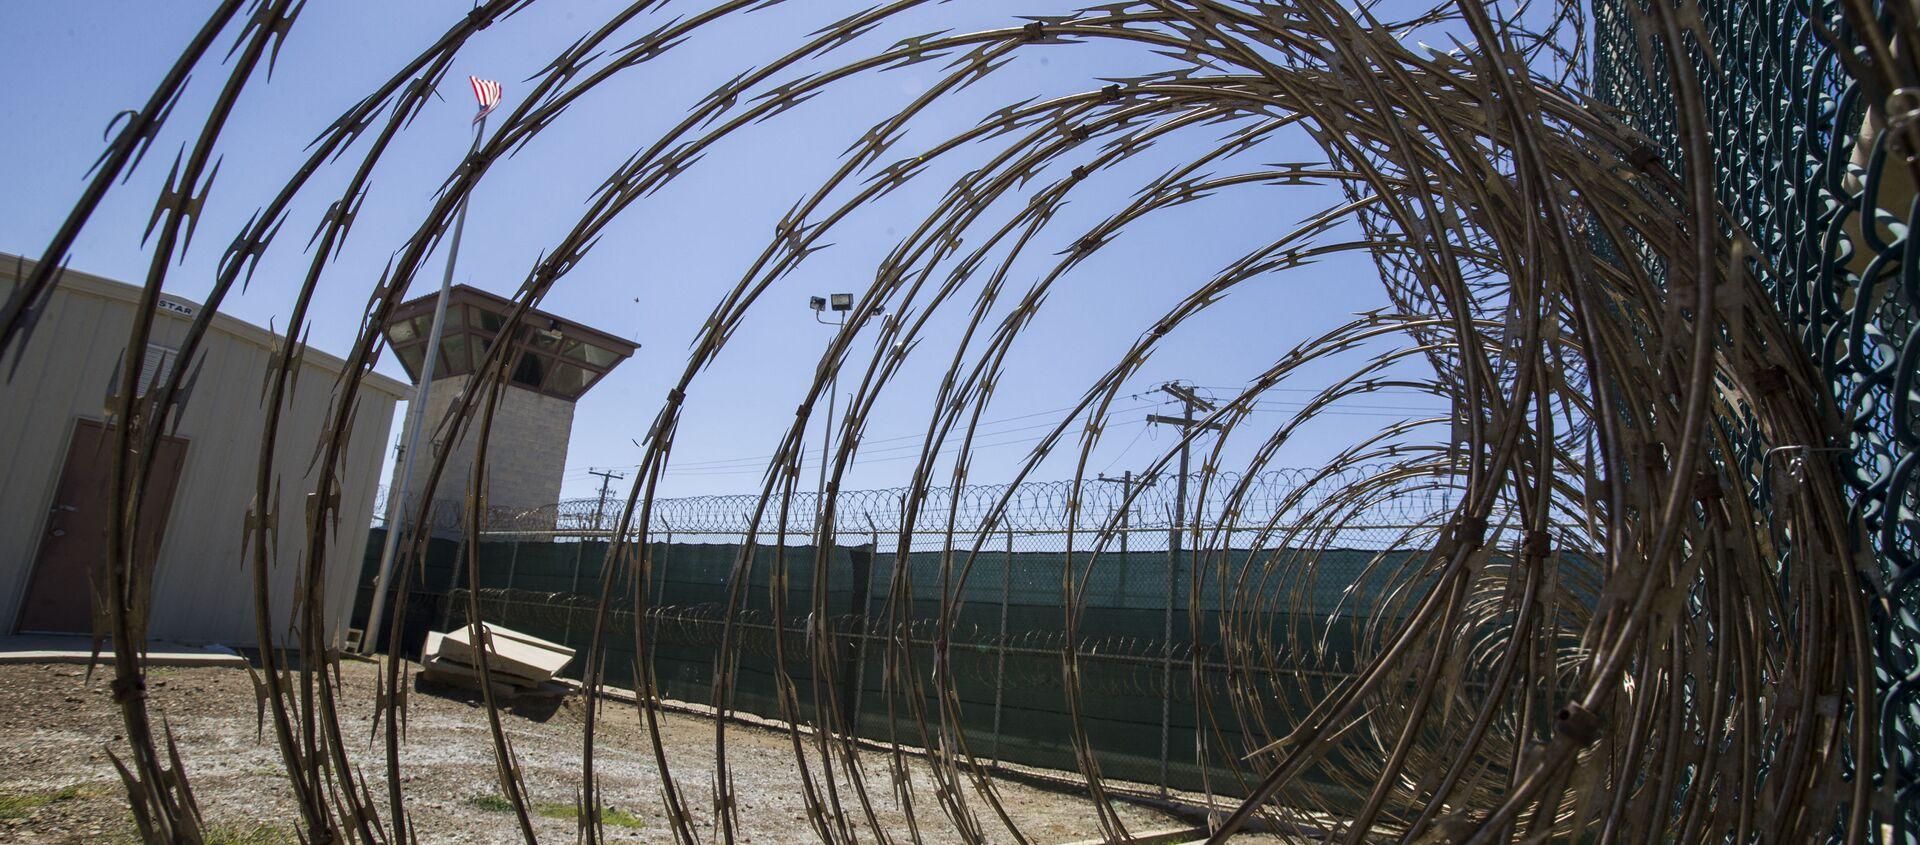 Guantanamo (photo d'archives) - Sputnik France, 1920, 05.04.2021